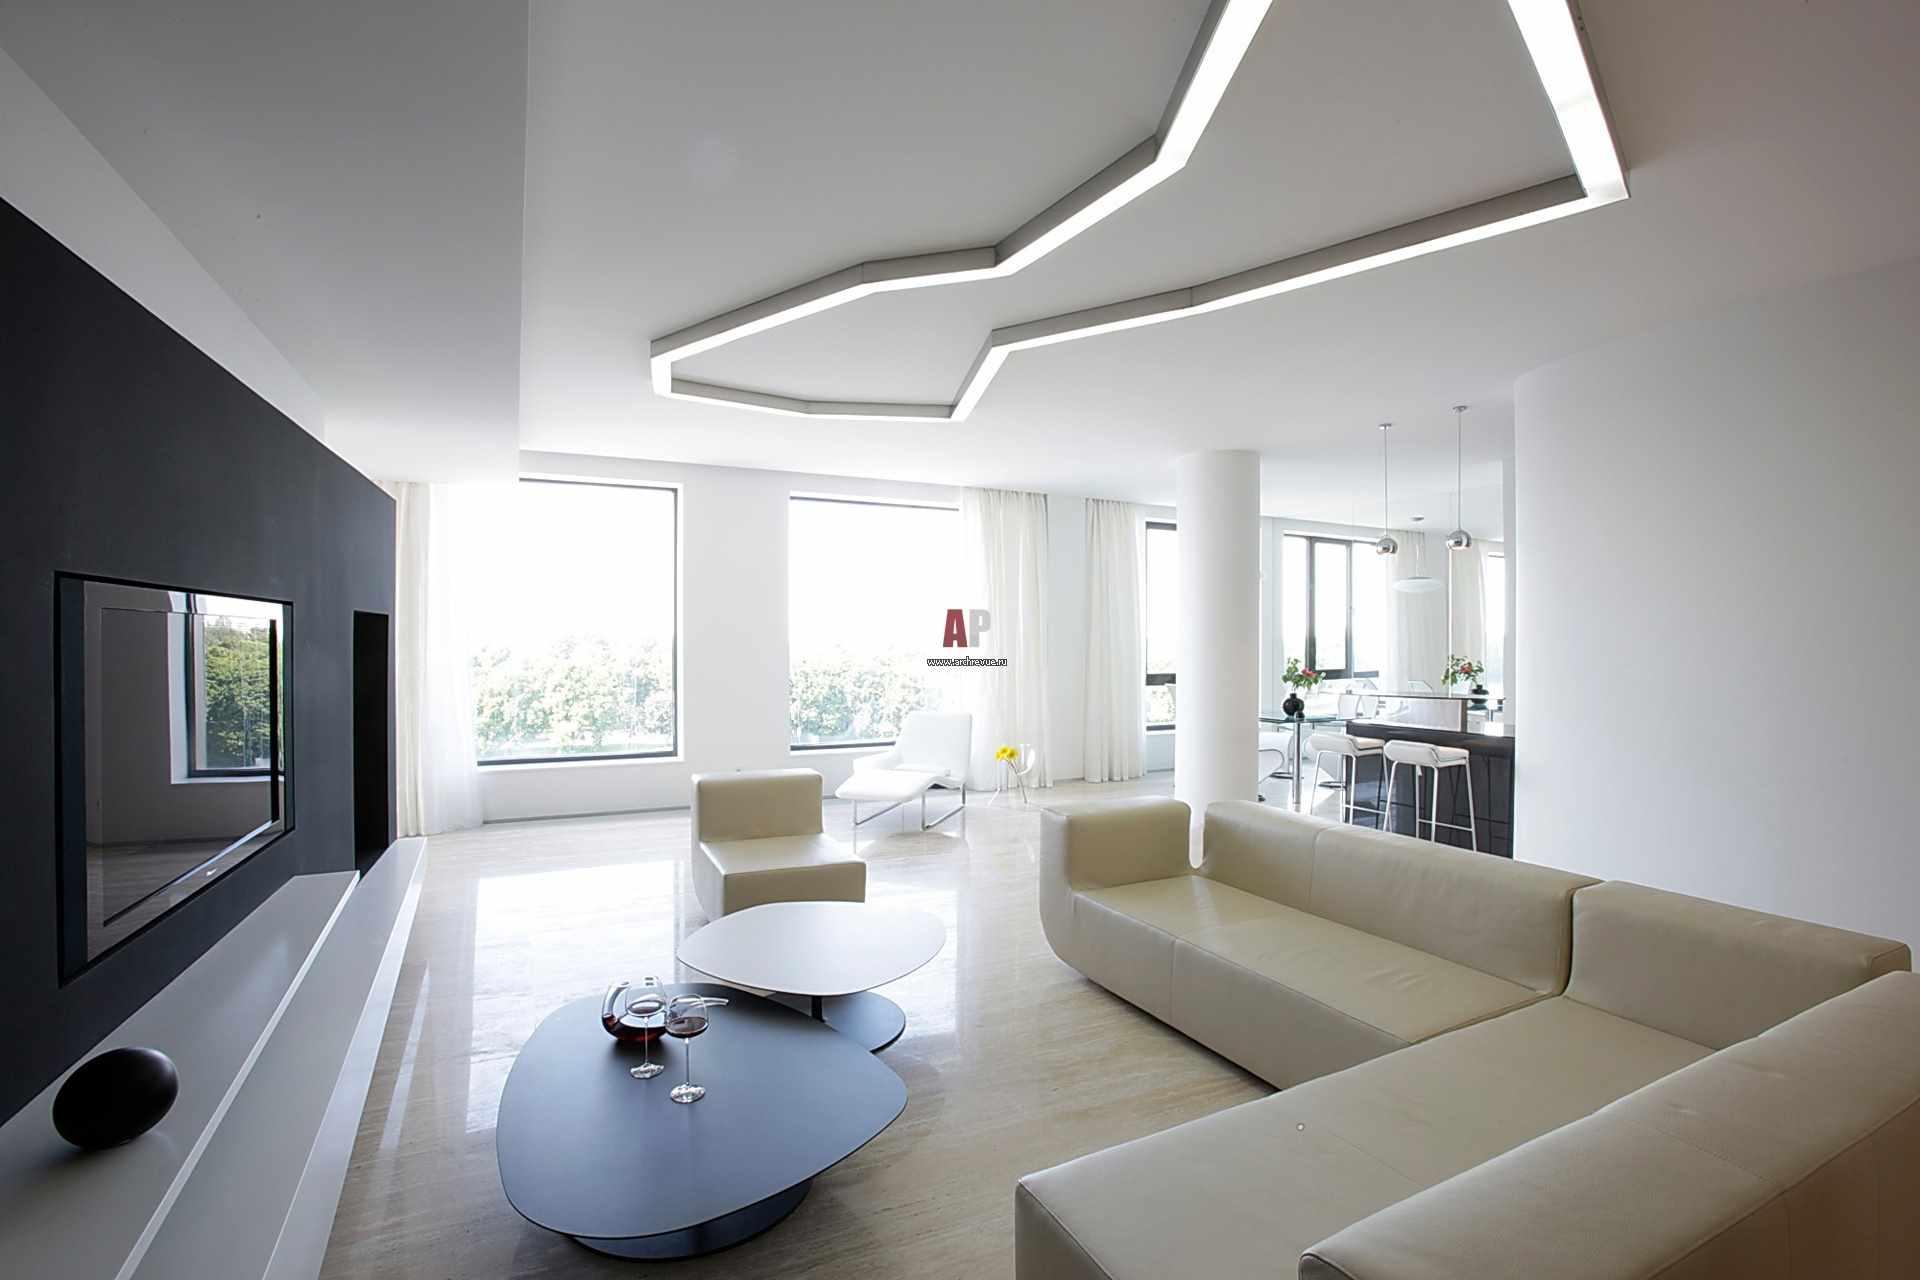 пример использования необычного дизайна гостиной комнаты в стиле минимализм